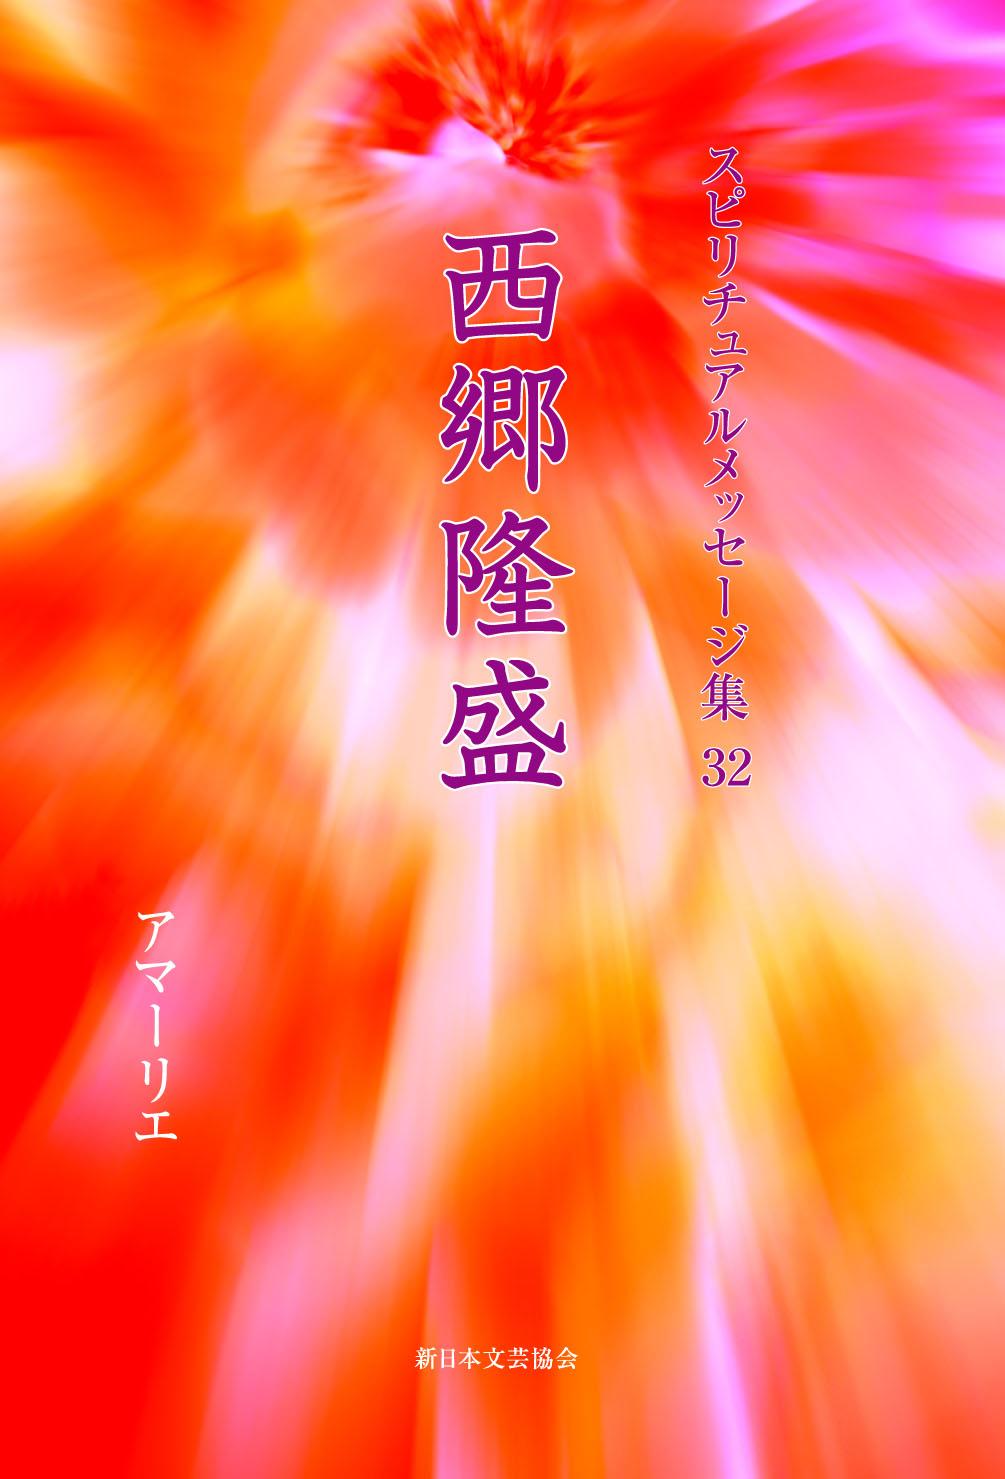 画像1: スピリチュアルメッセージ集32 西郷隆盛 (1)